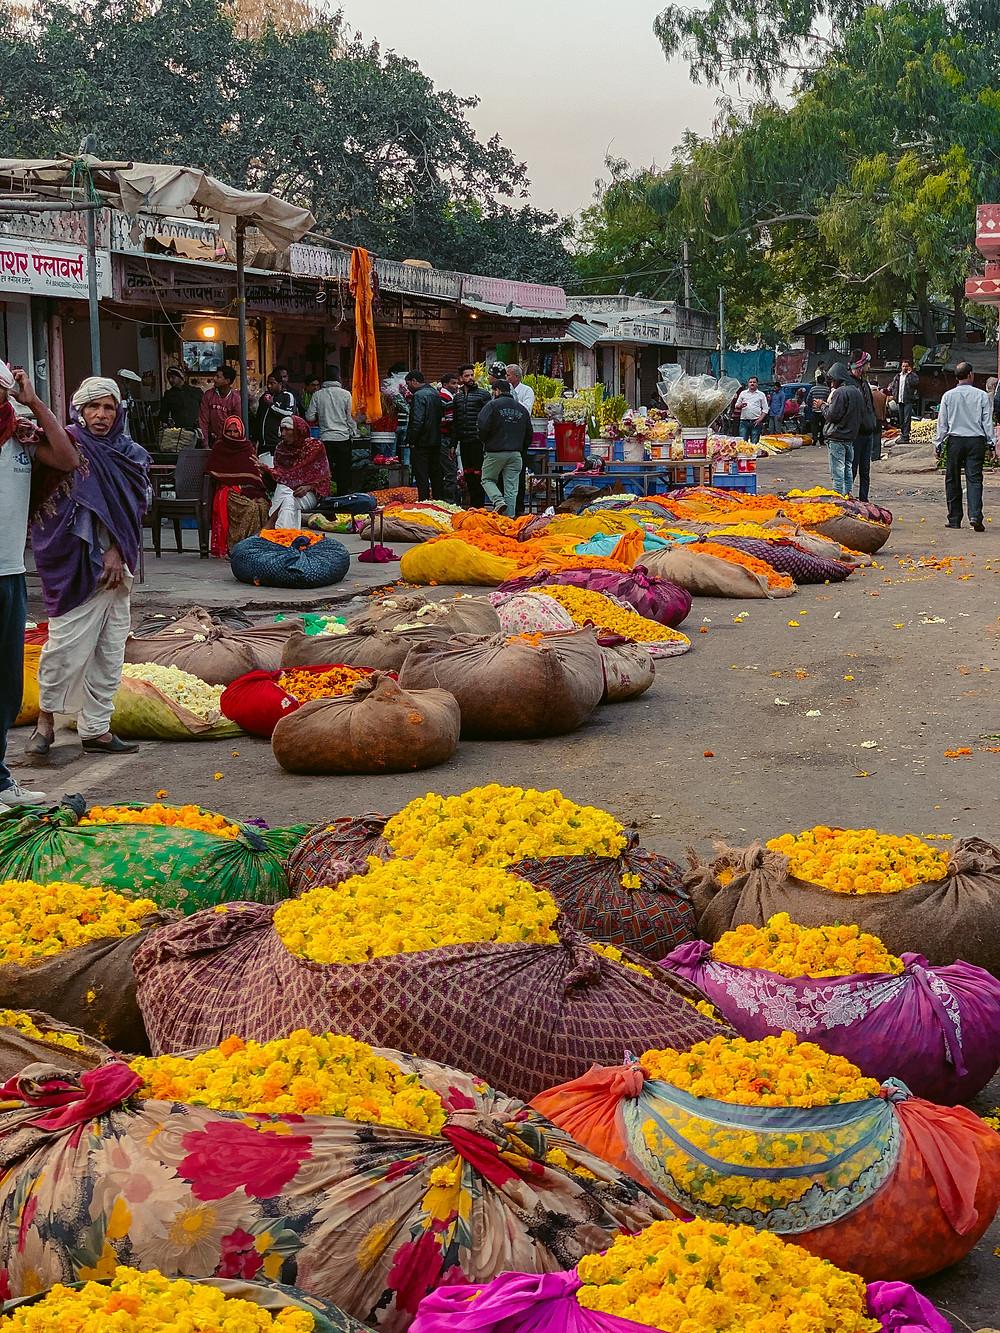 jaipur flower market, jaipur hidden gems, jaipur wholesale flower market, jaipur morning market, vegetable market jaipur, must visit jaipur, non tourist things to do in jaipur, jaipur secret gems, jaipur photography